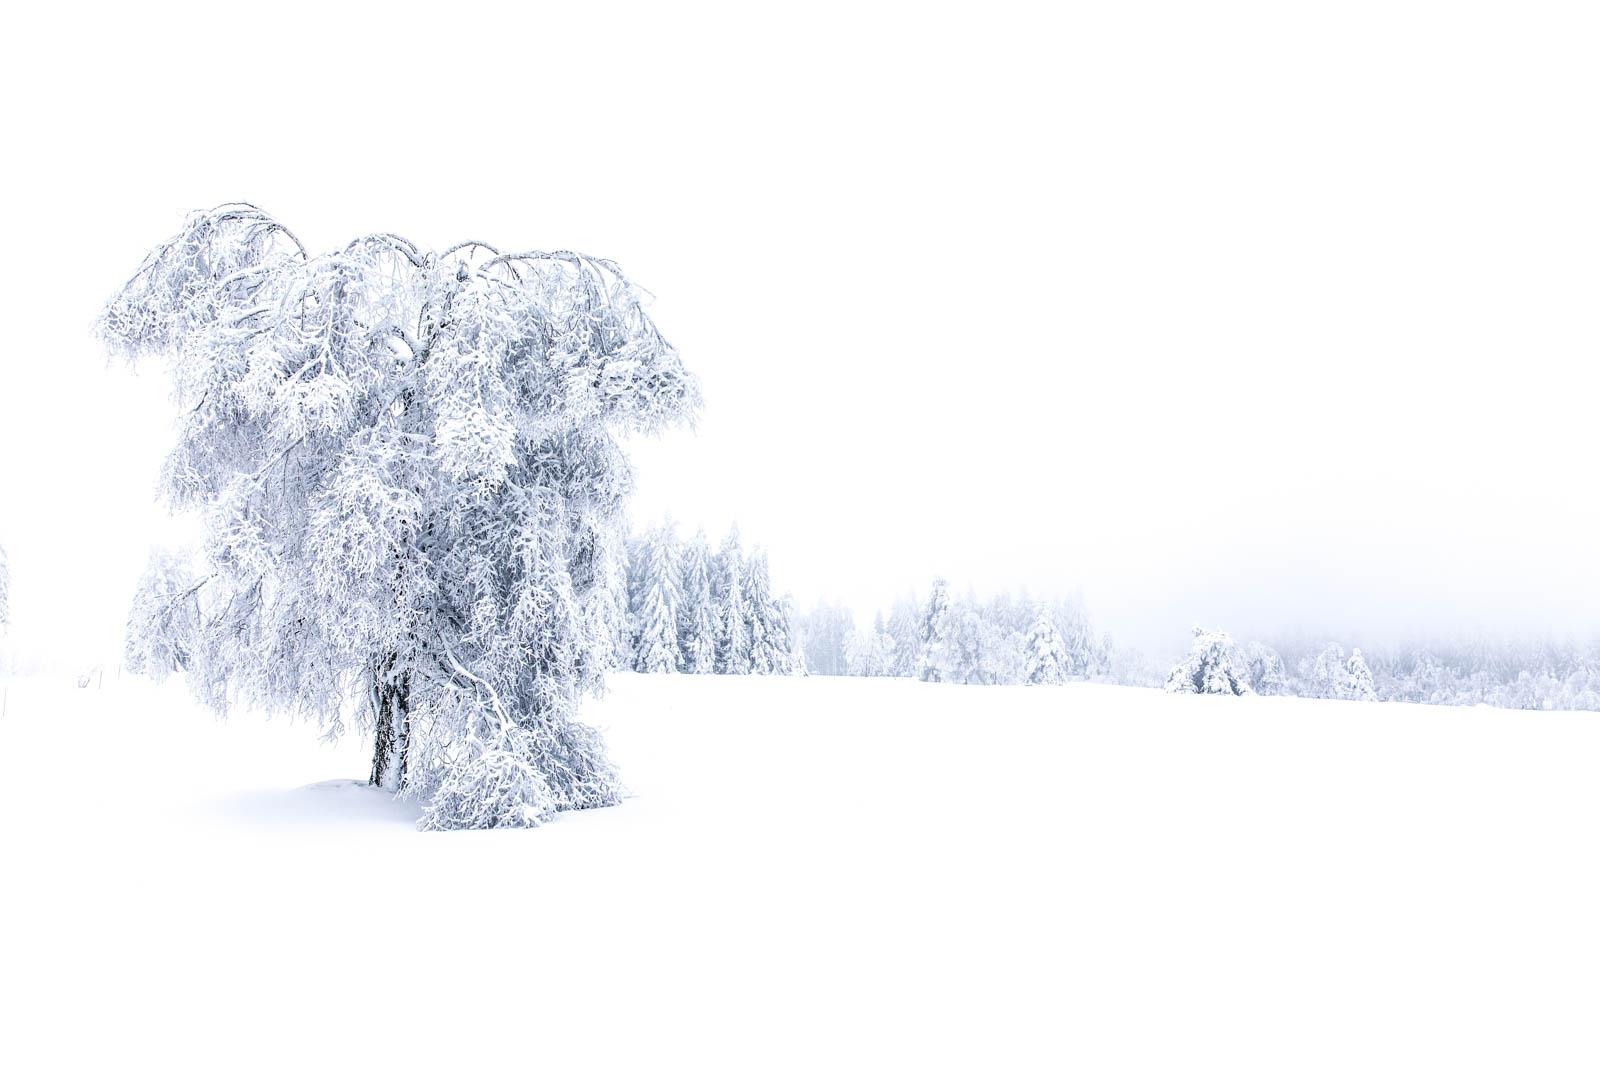 Whiteout im Schwarzwald, Baum, Schnee, Frost